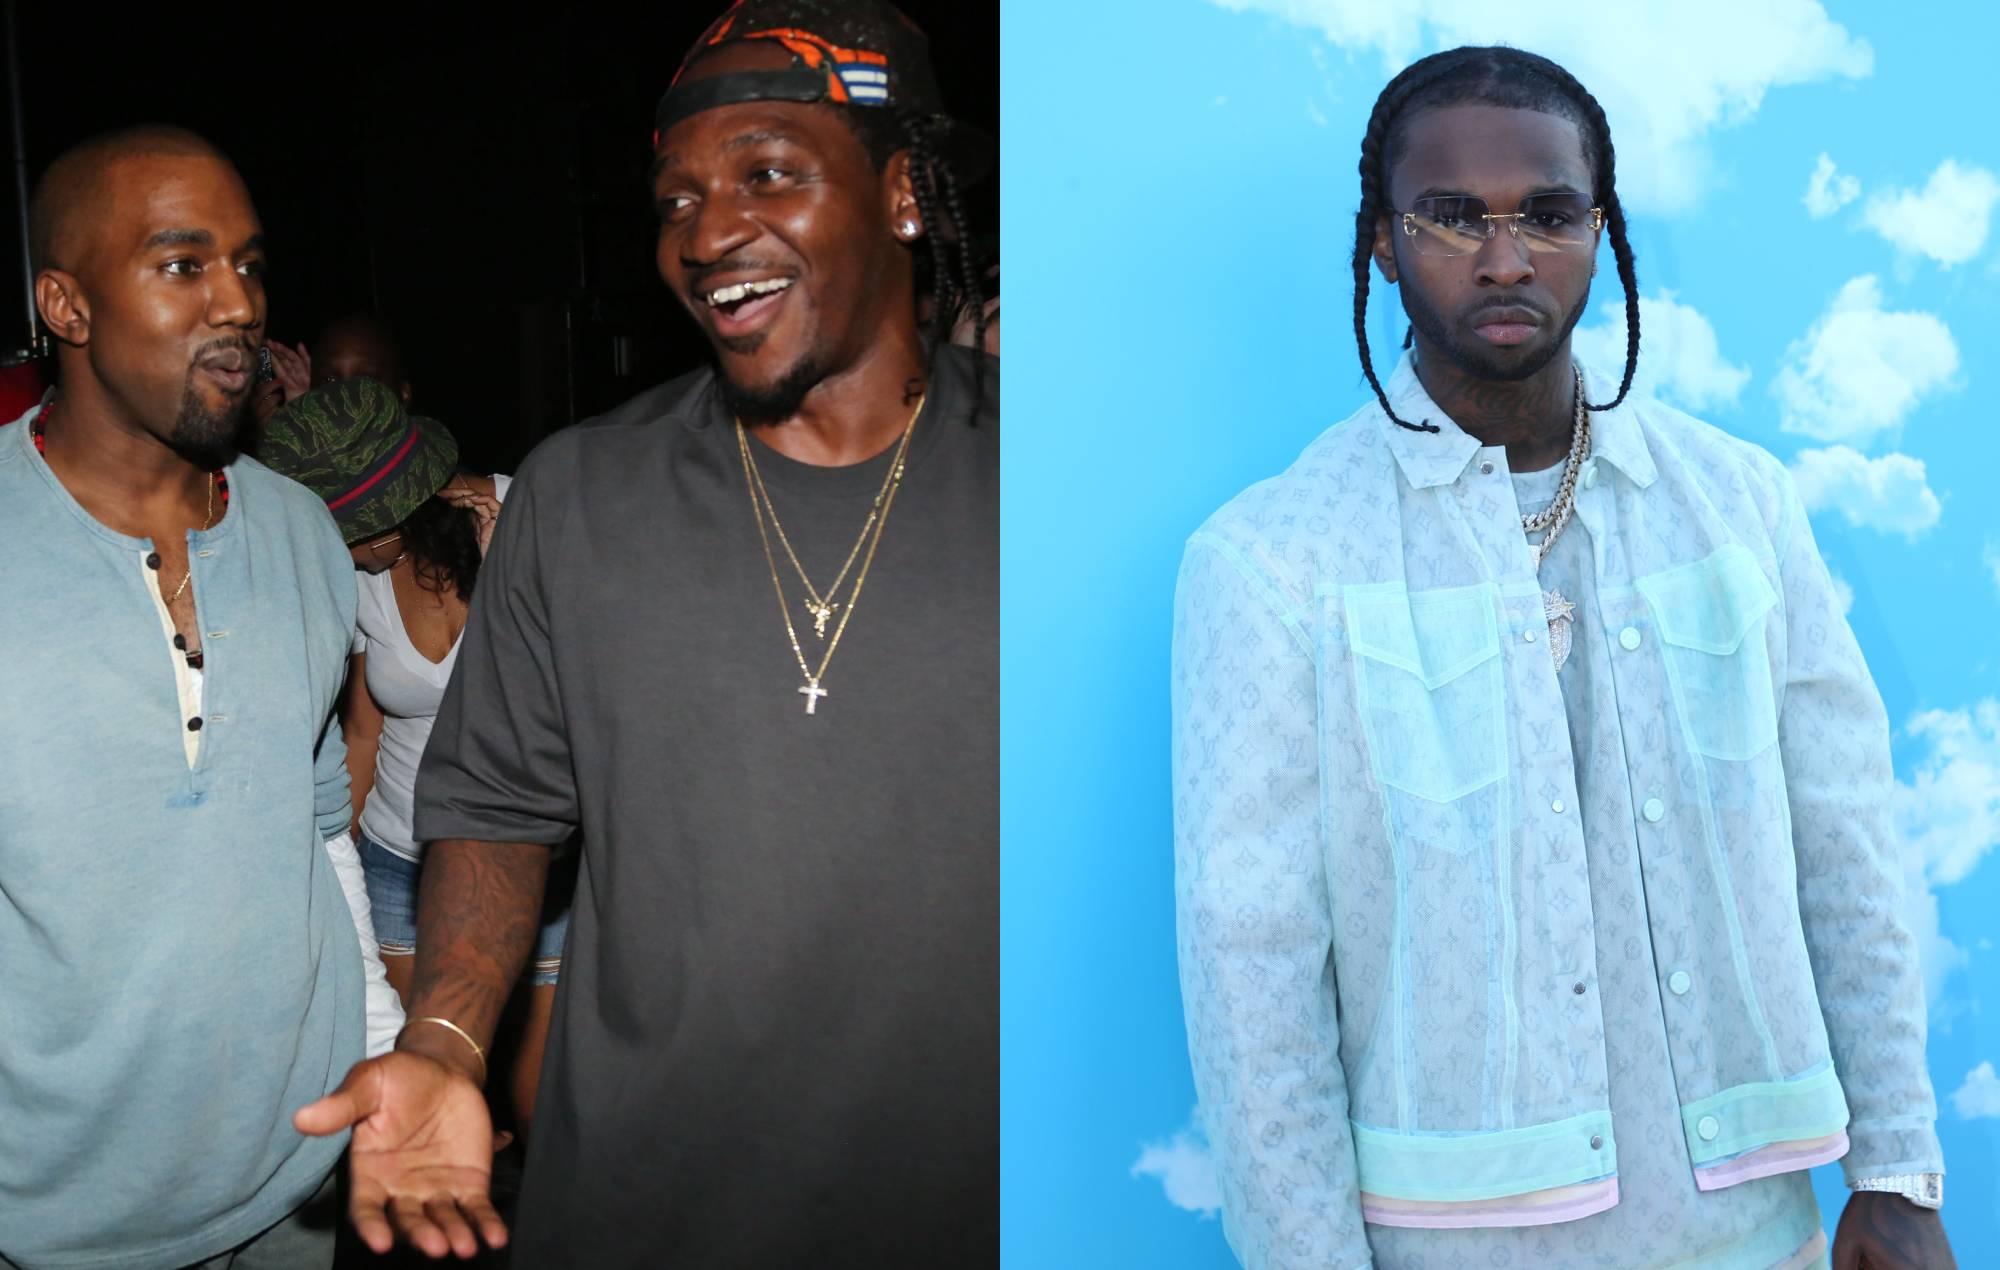 Kanye West and Pusha-T / Pop Smoke